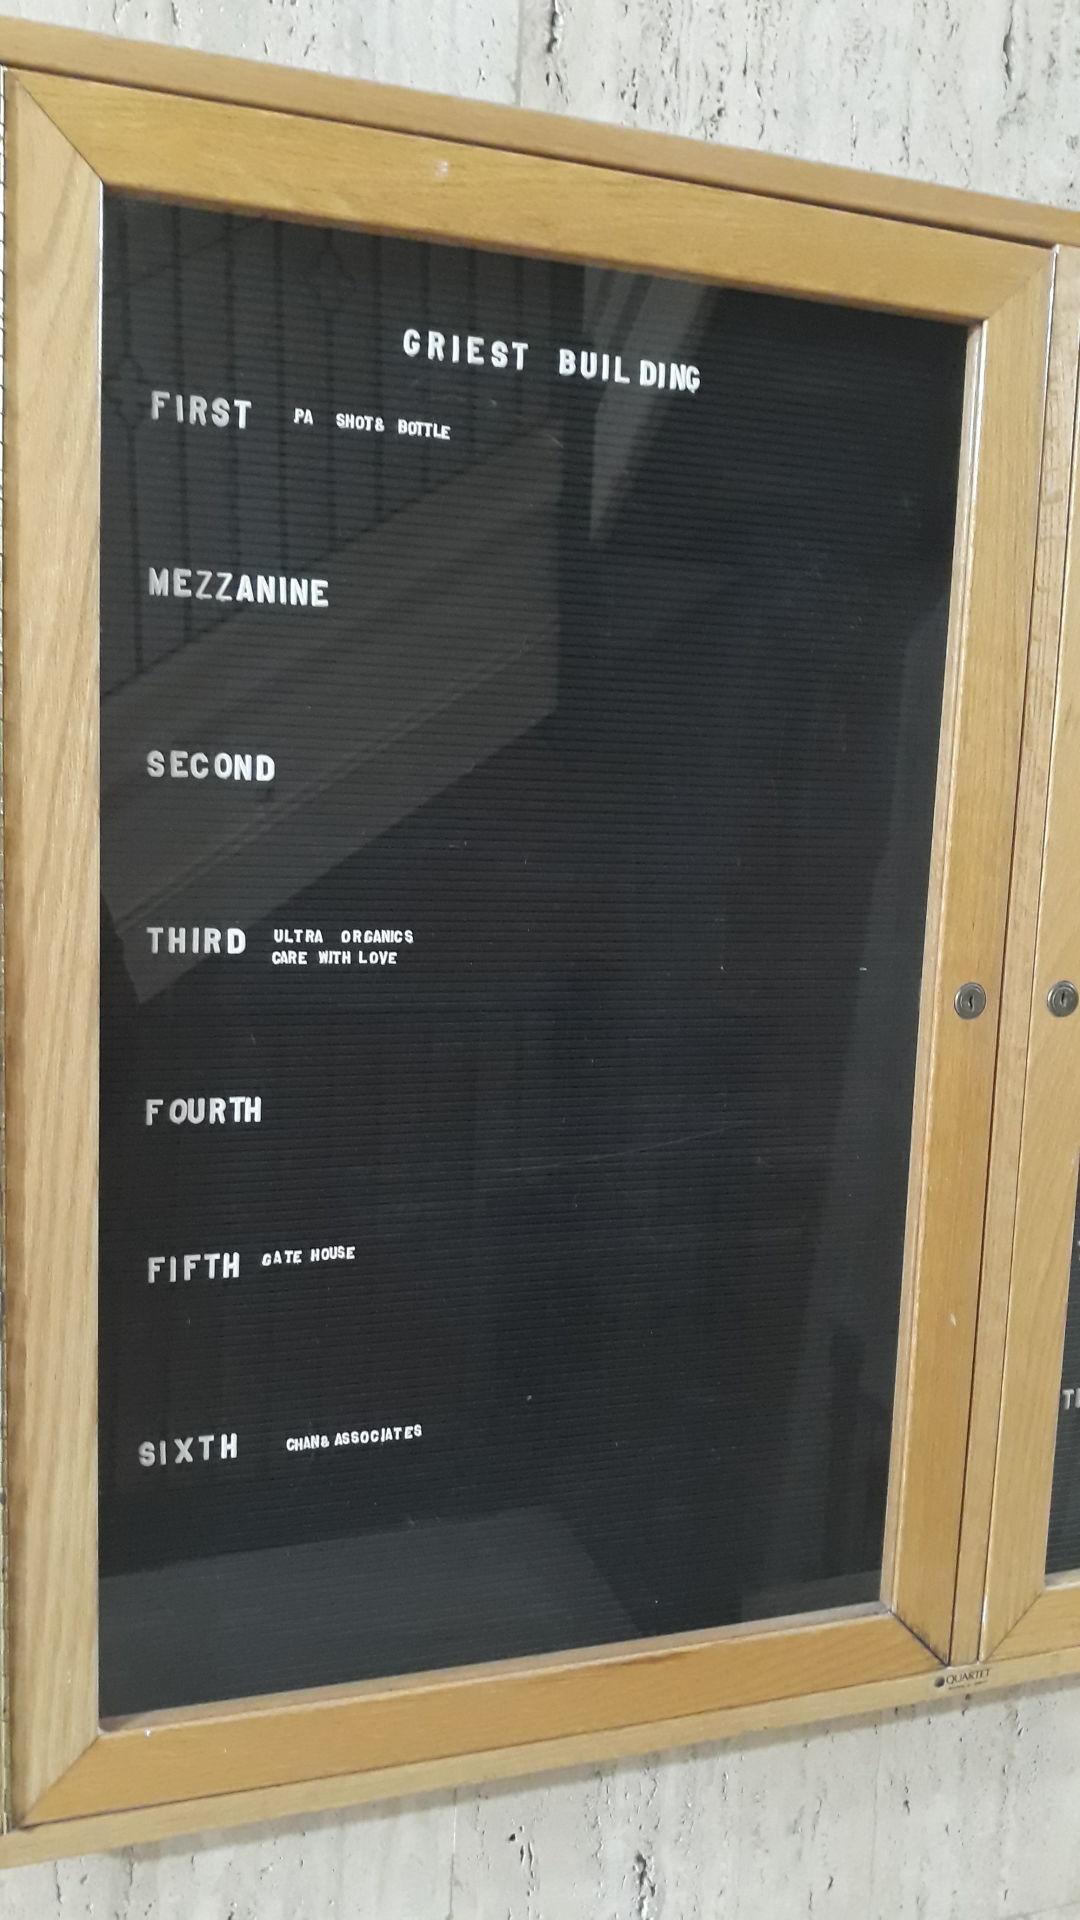 Griest Building plaque 1